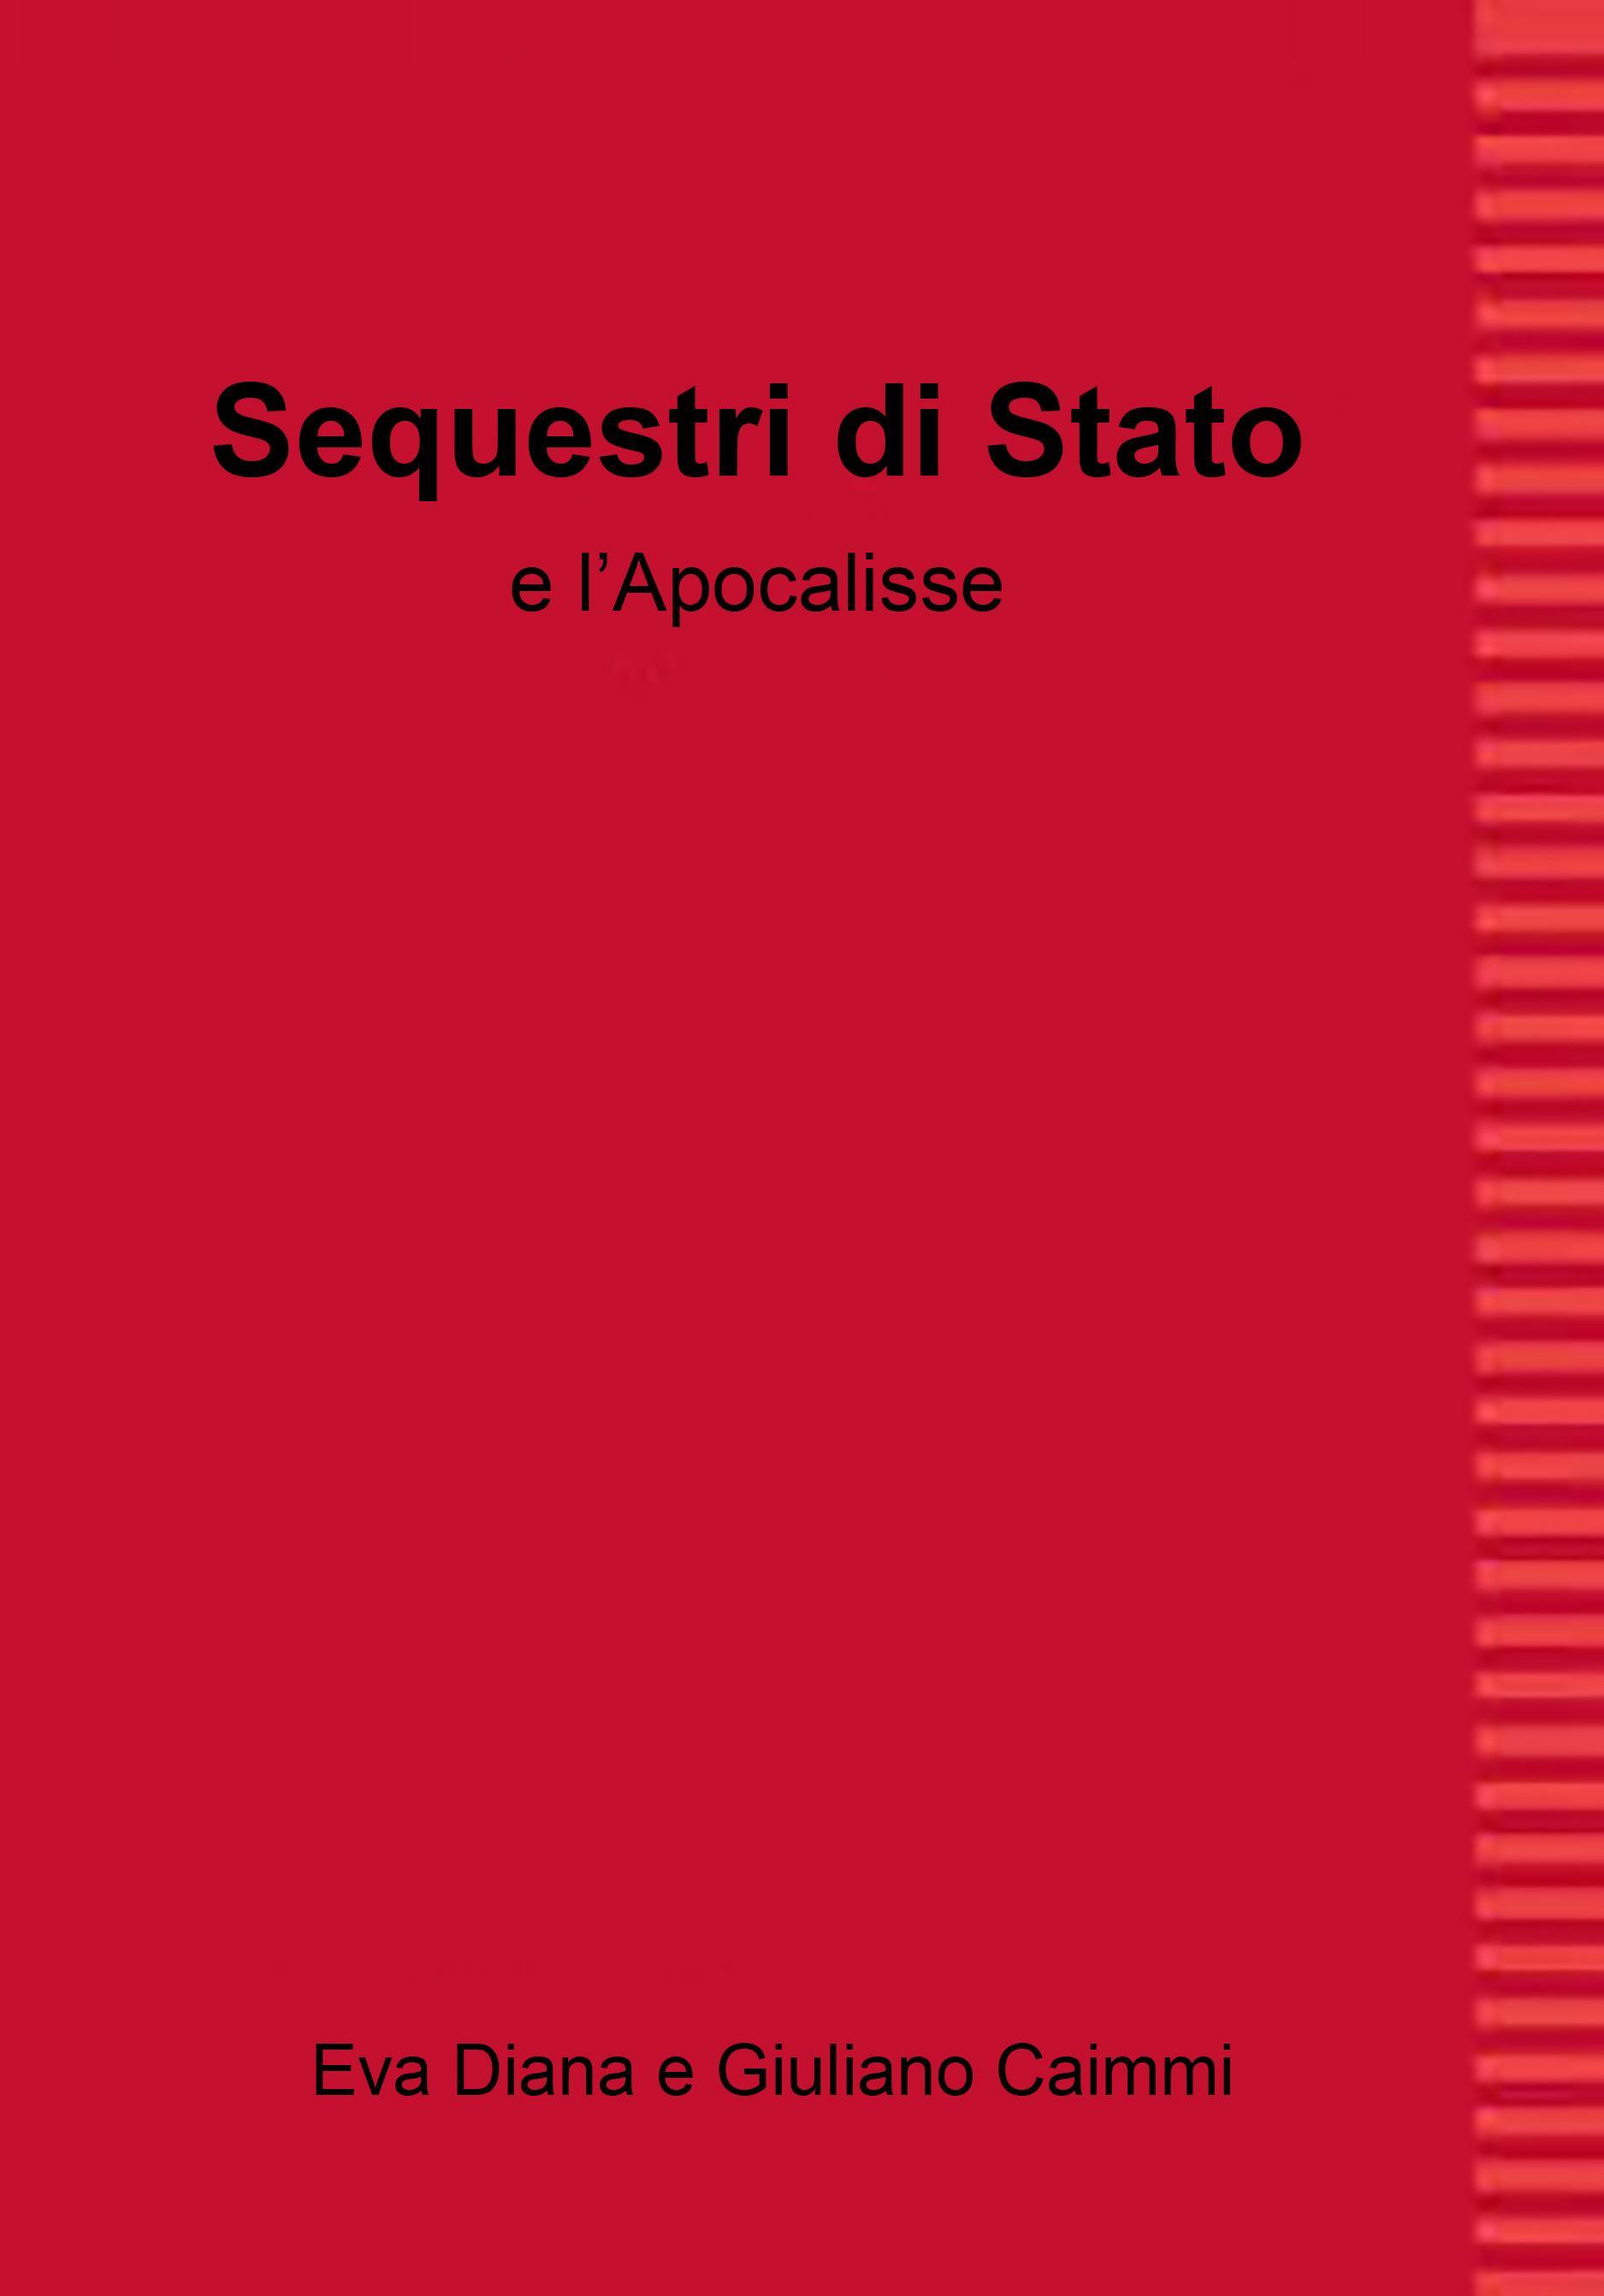 Sequestri di Stato